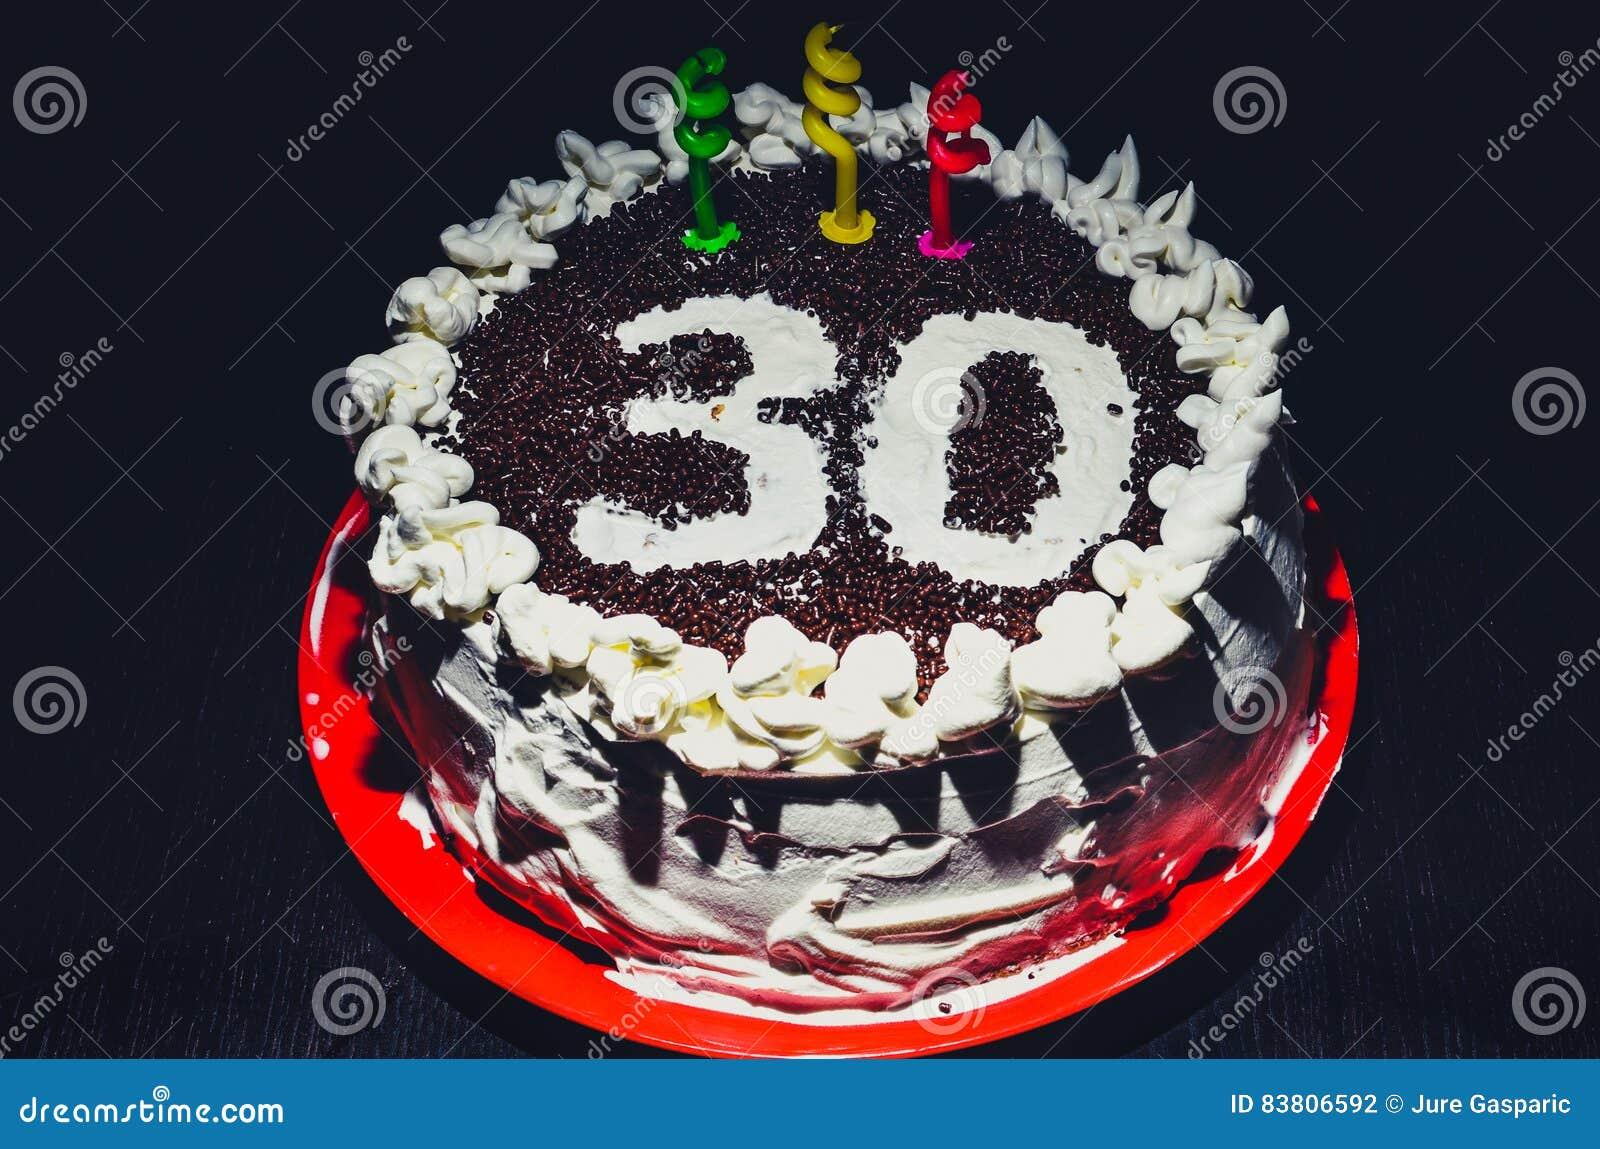 Haus Machte Geburtstagskuchen Fur 30 Geburtstag Stockfoto Bild